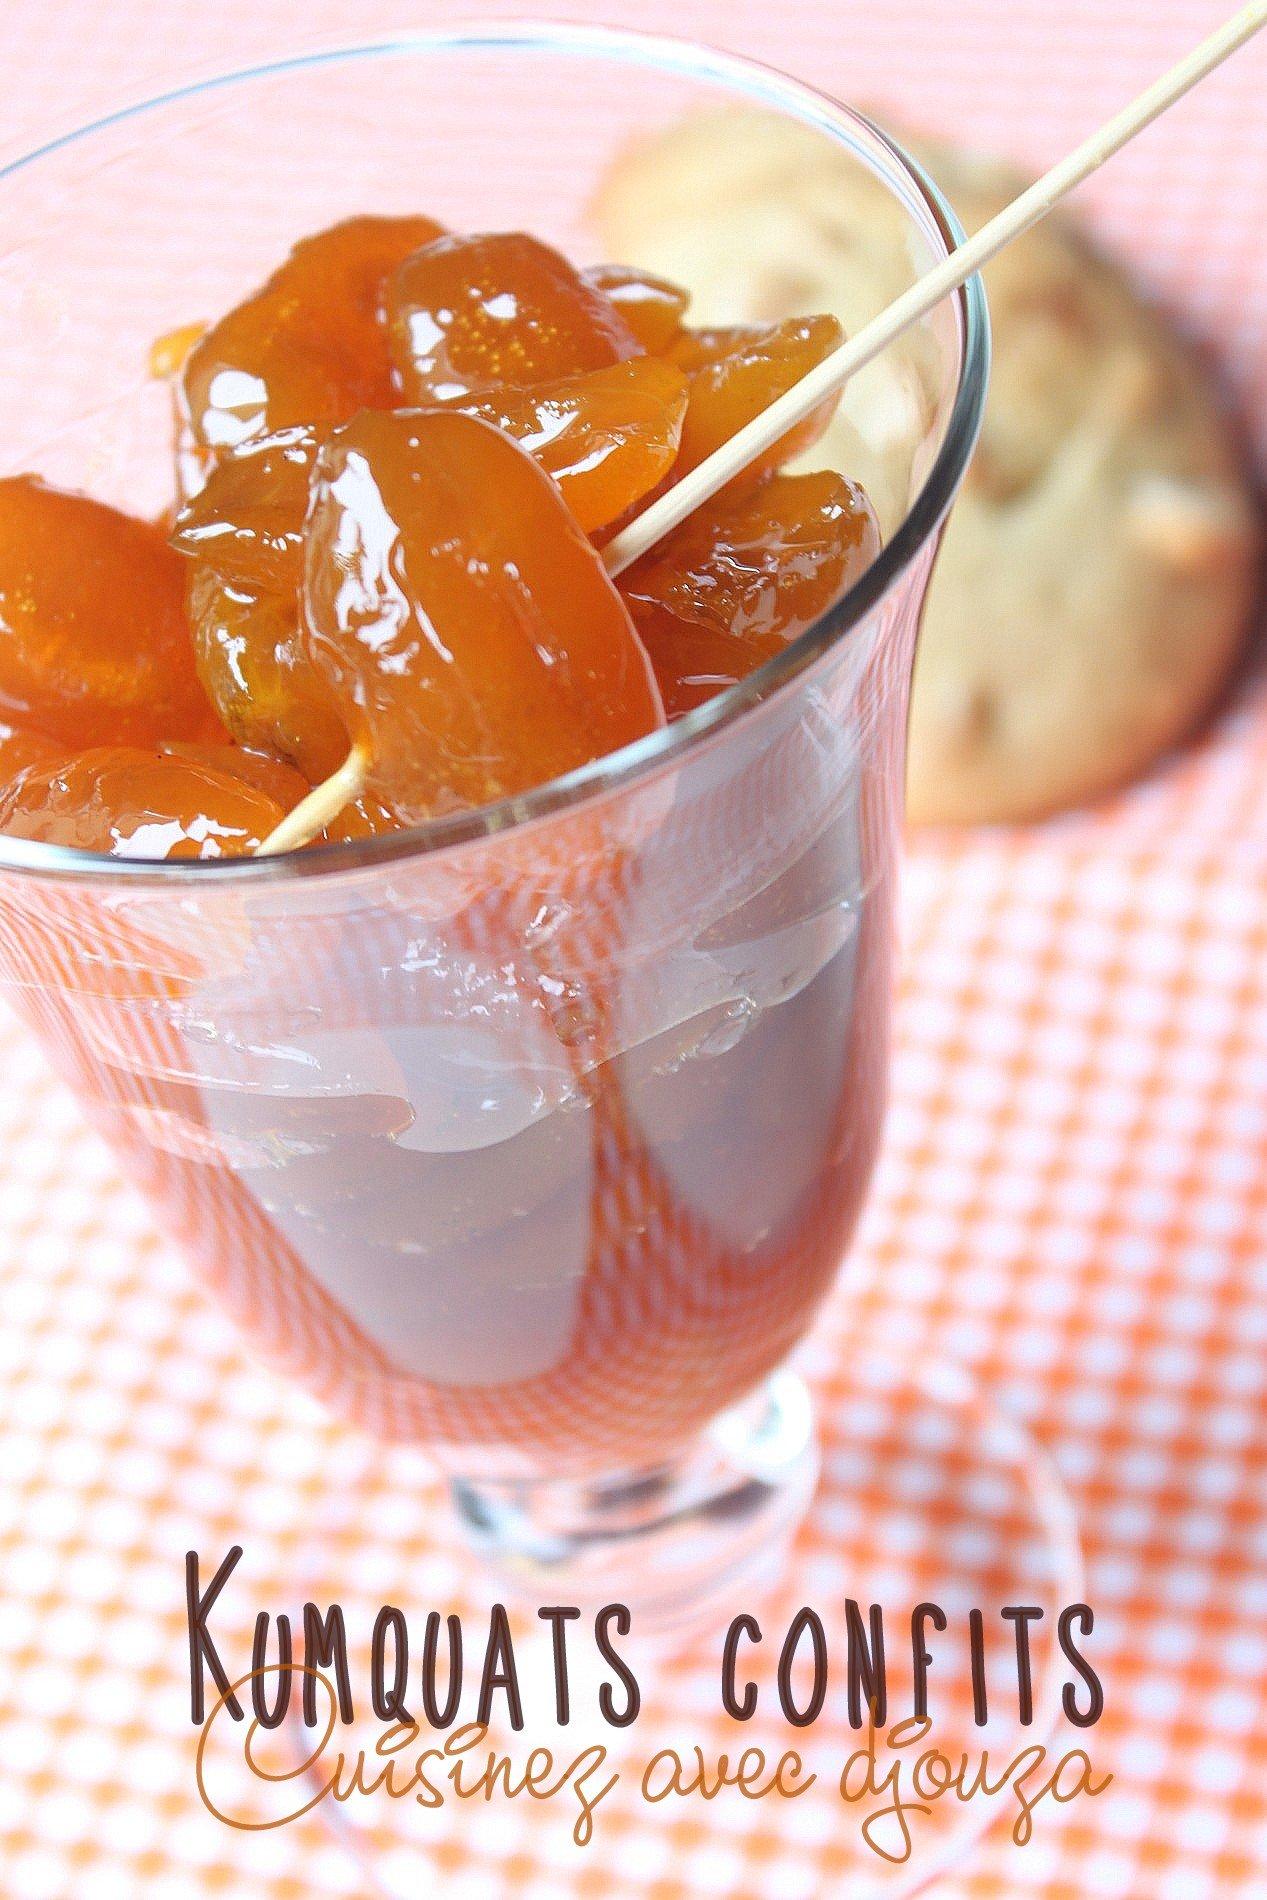 Confire des kumquats